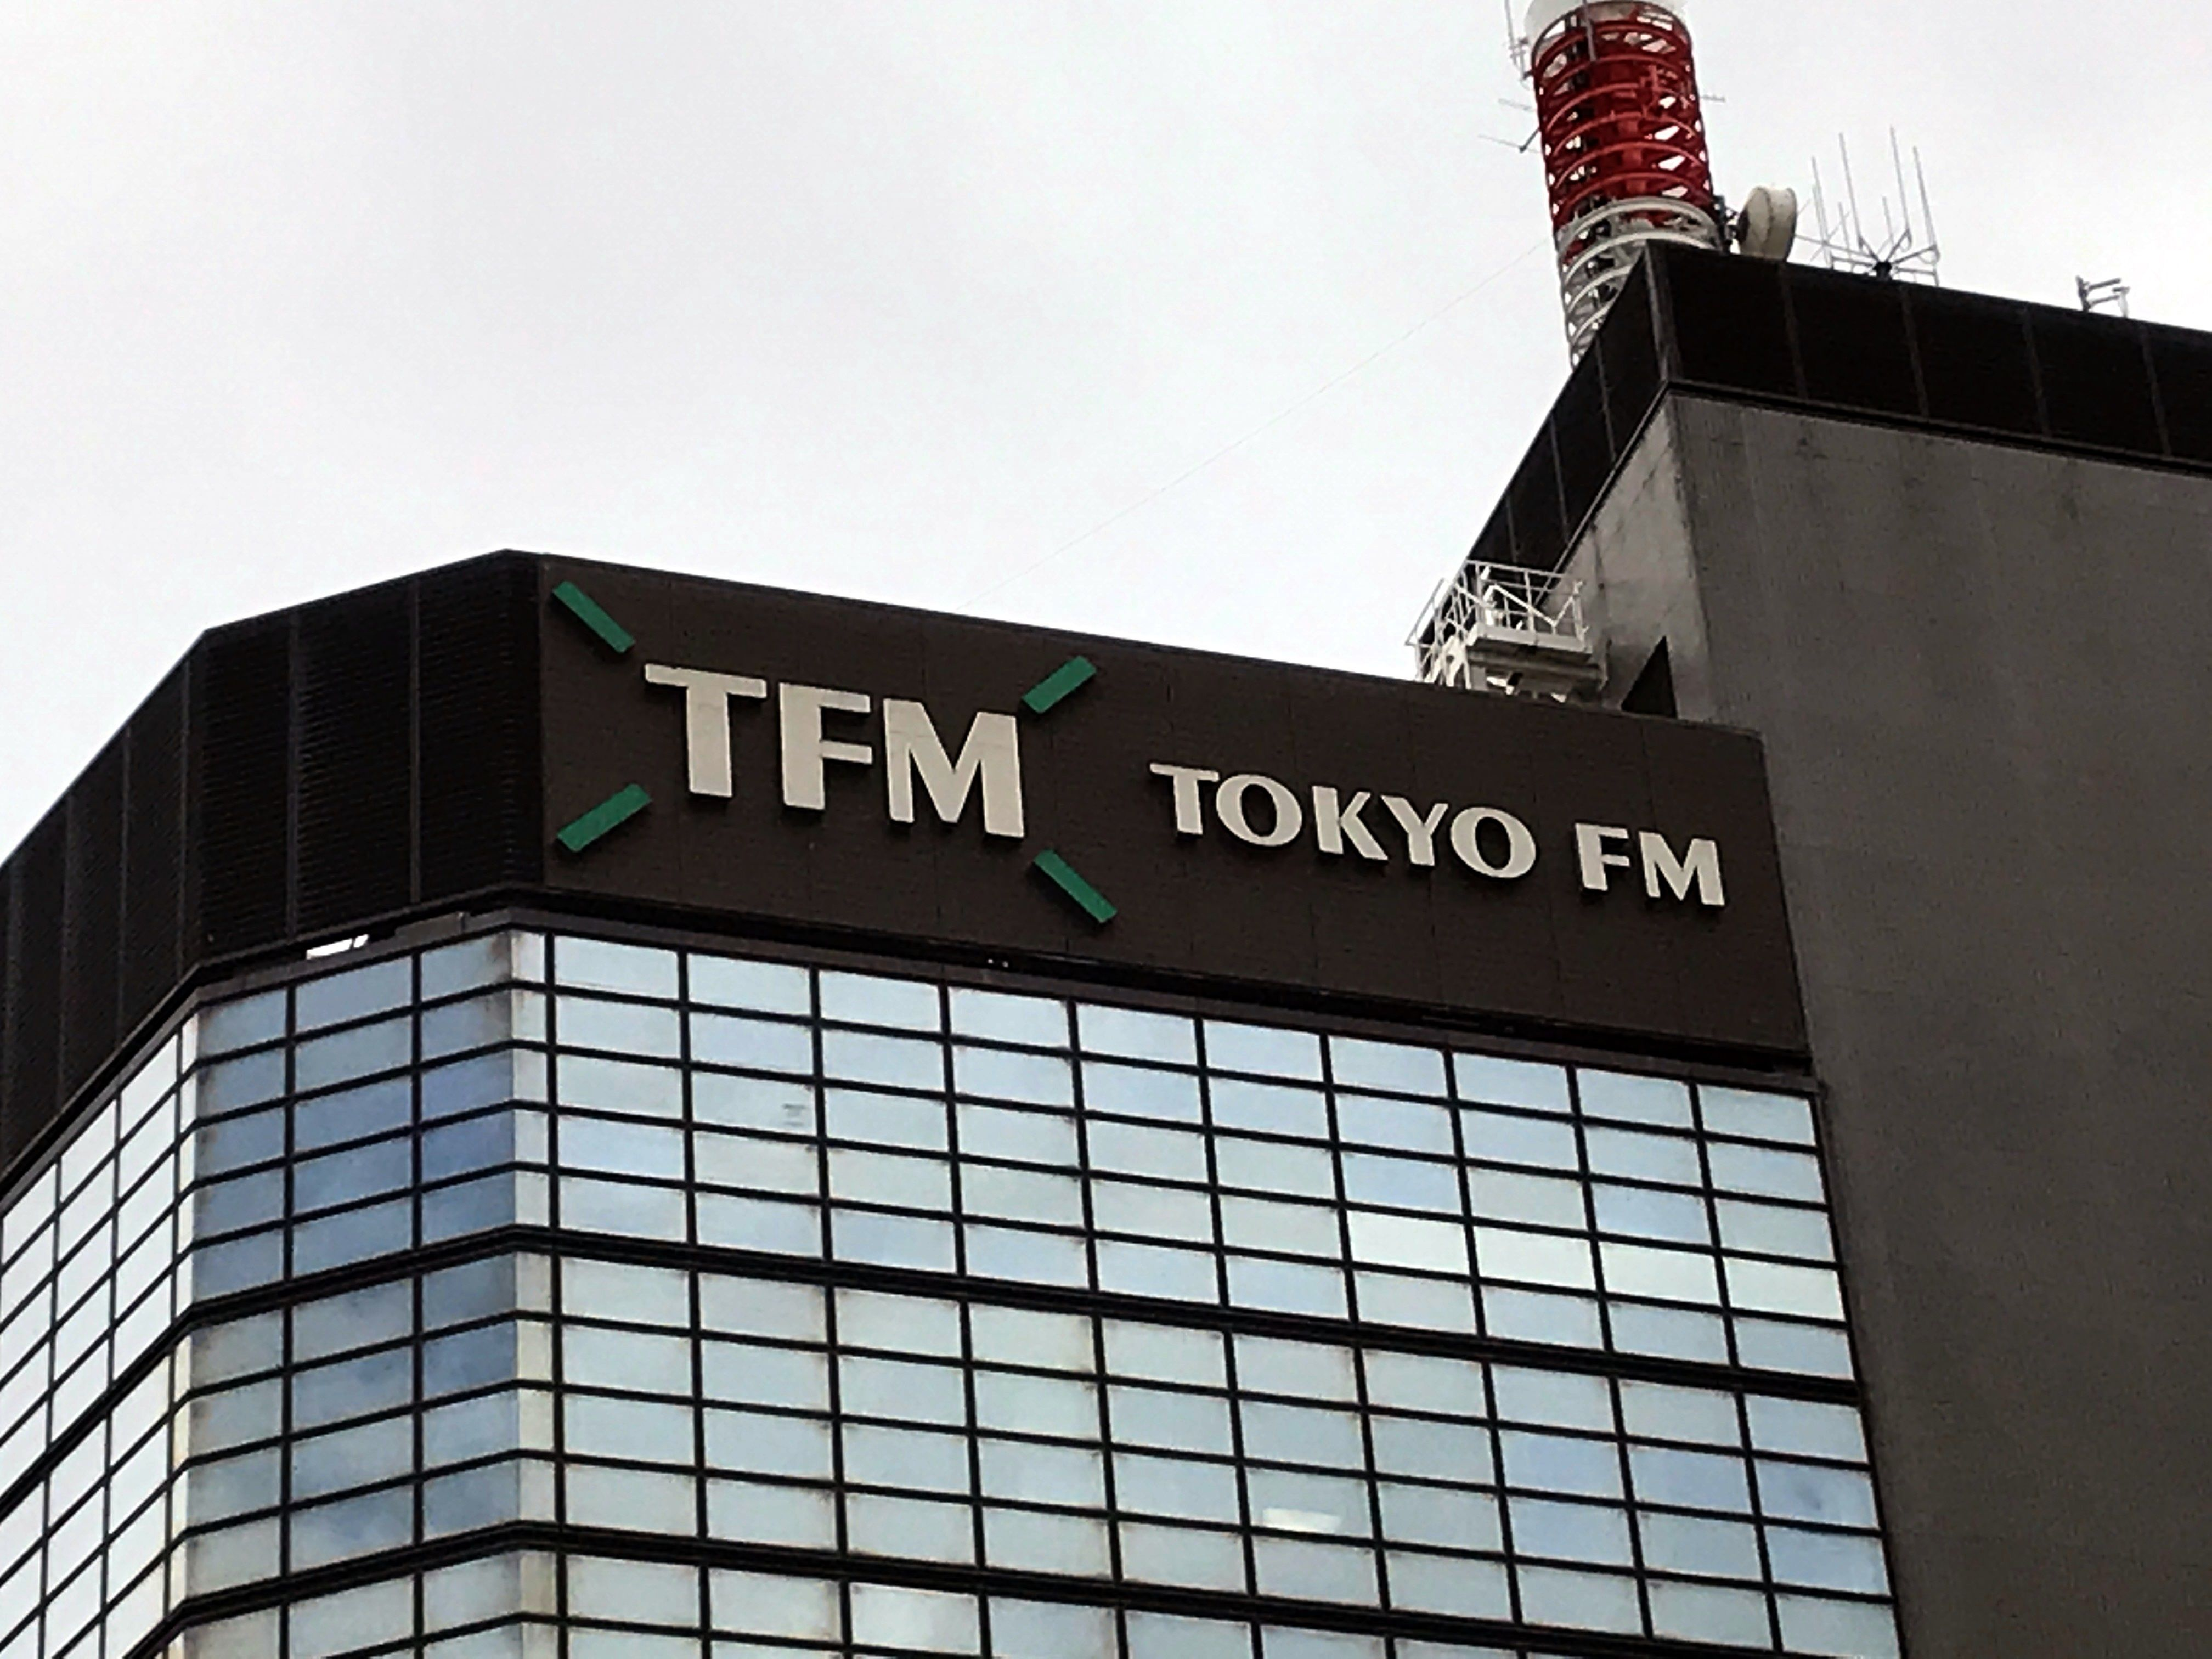 エフエム東京の会計不正「連結はずし」の動機は経営責任隠し